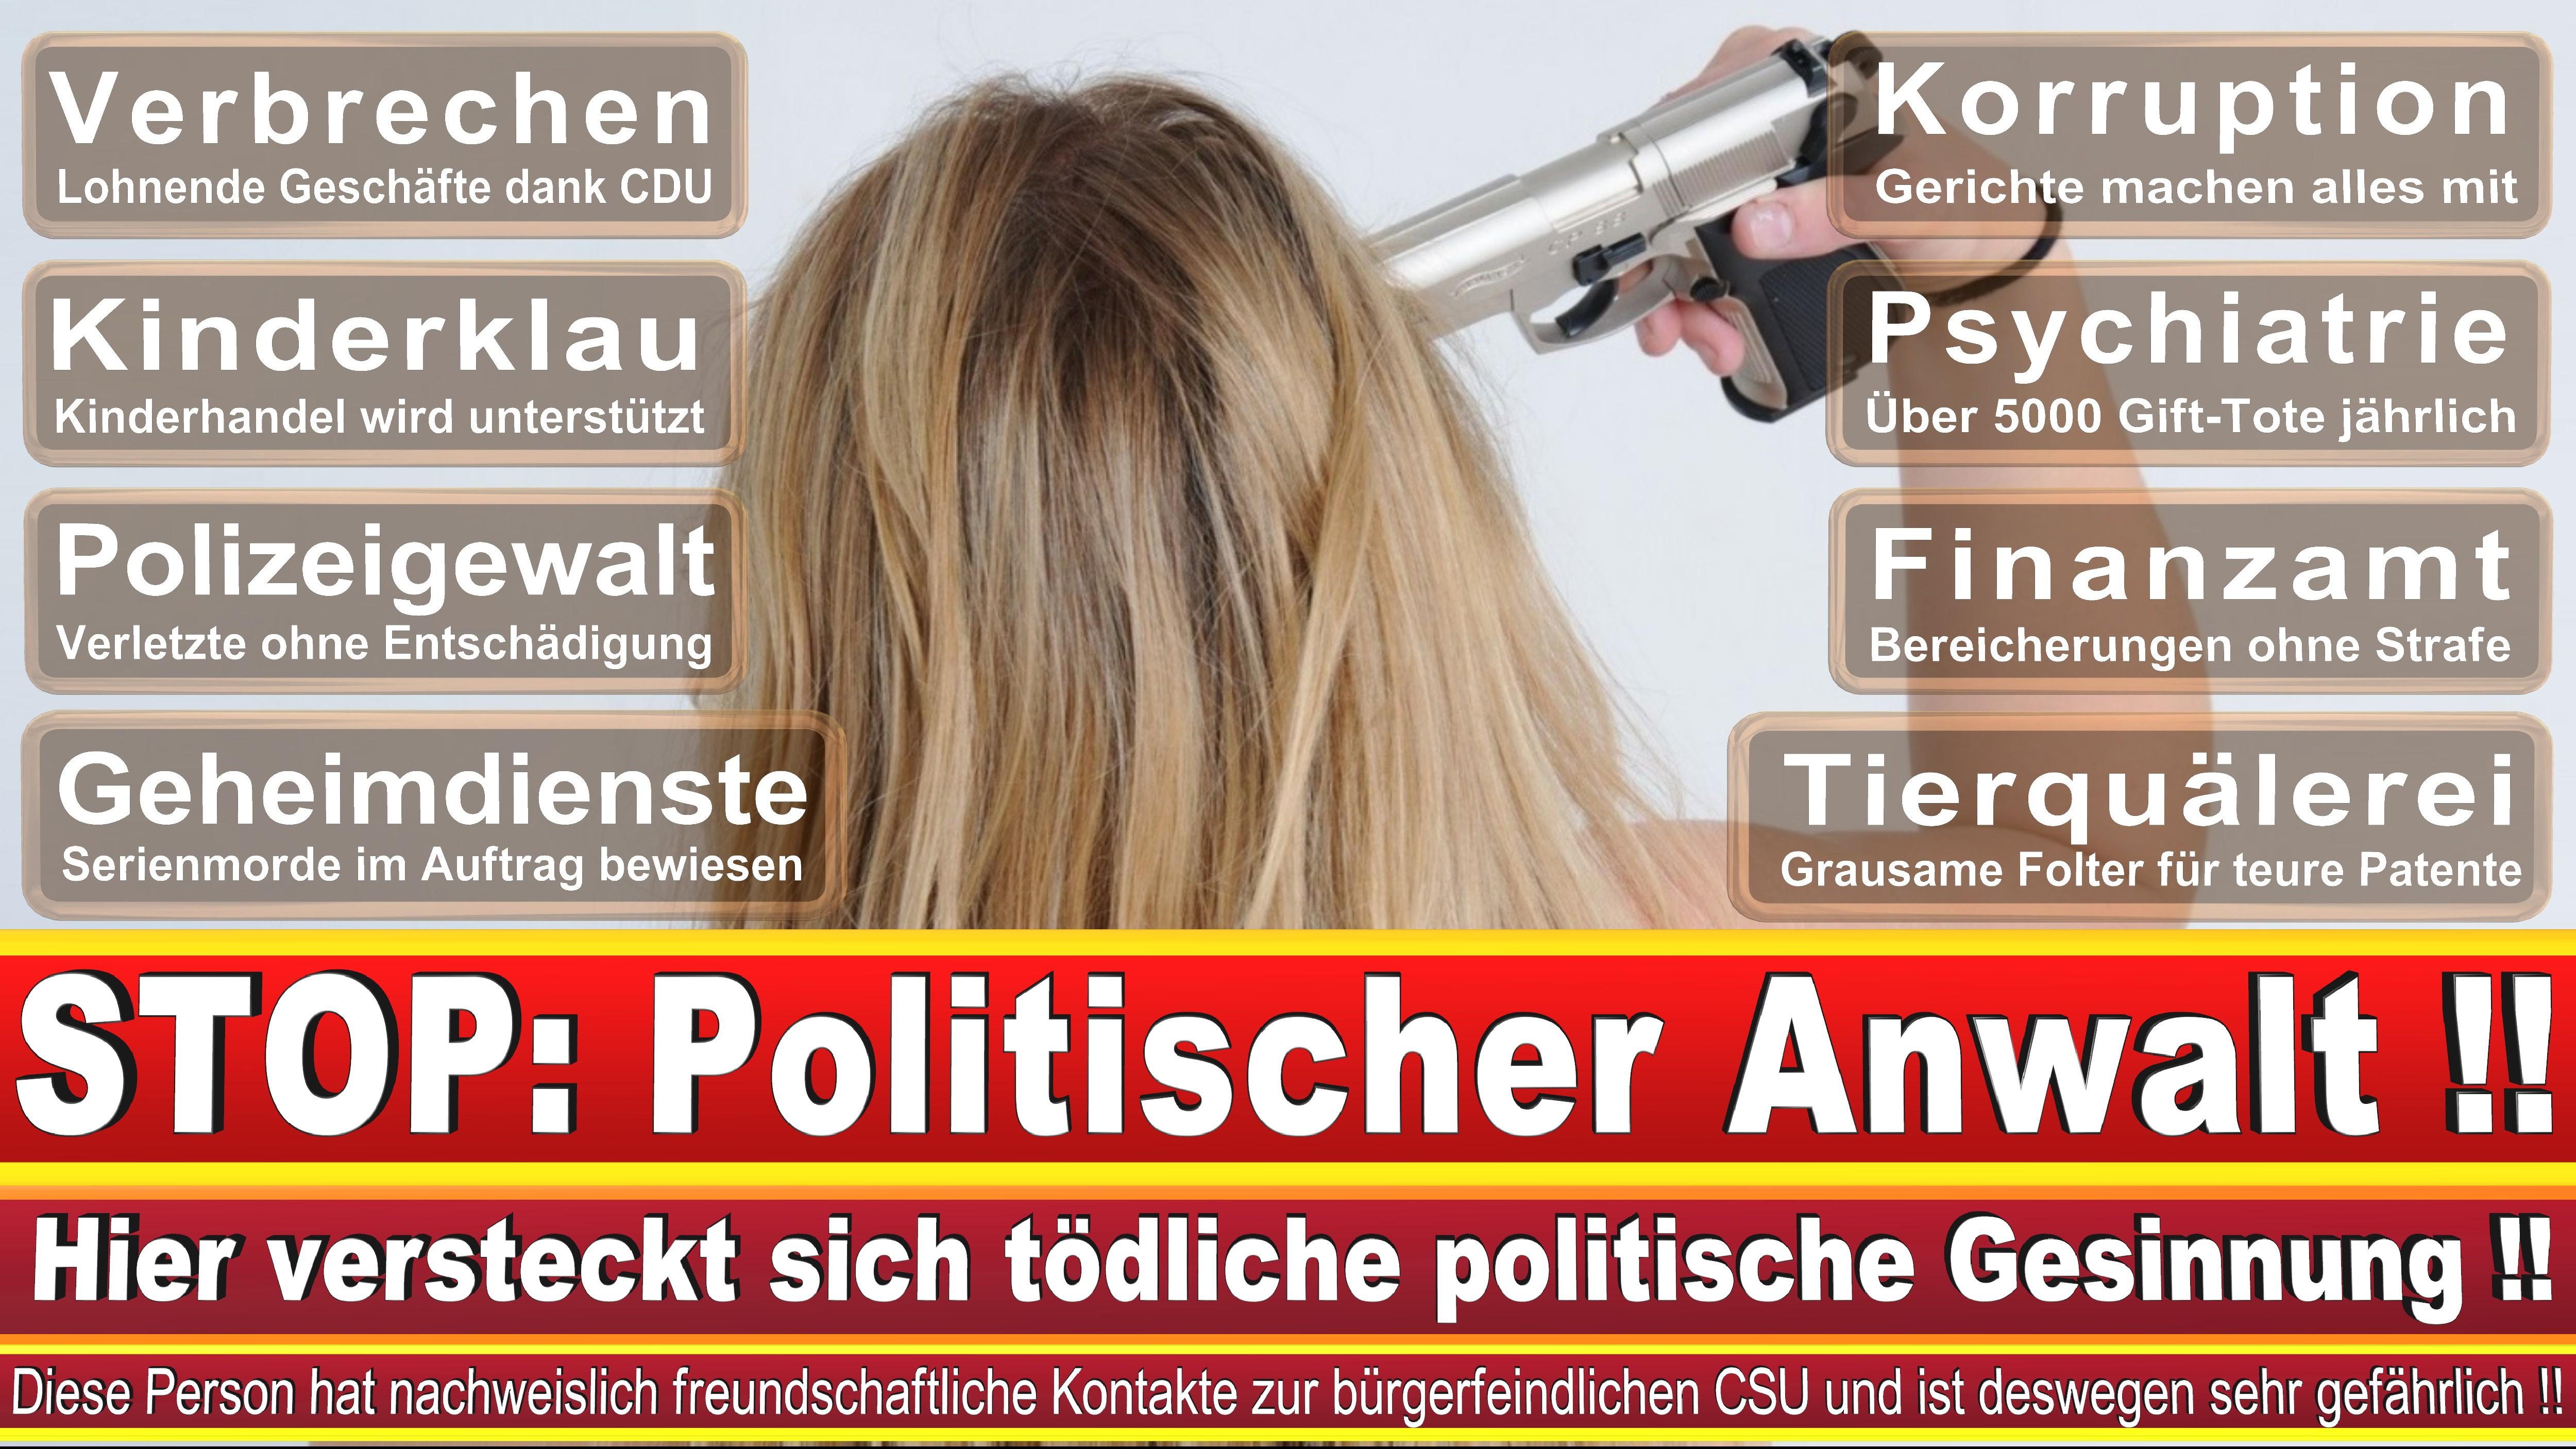 Rechtsanwältin Katja Schmitt München Rechtsanwältin Noerr LLP München 1